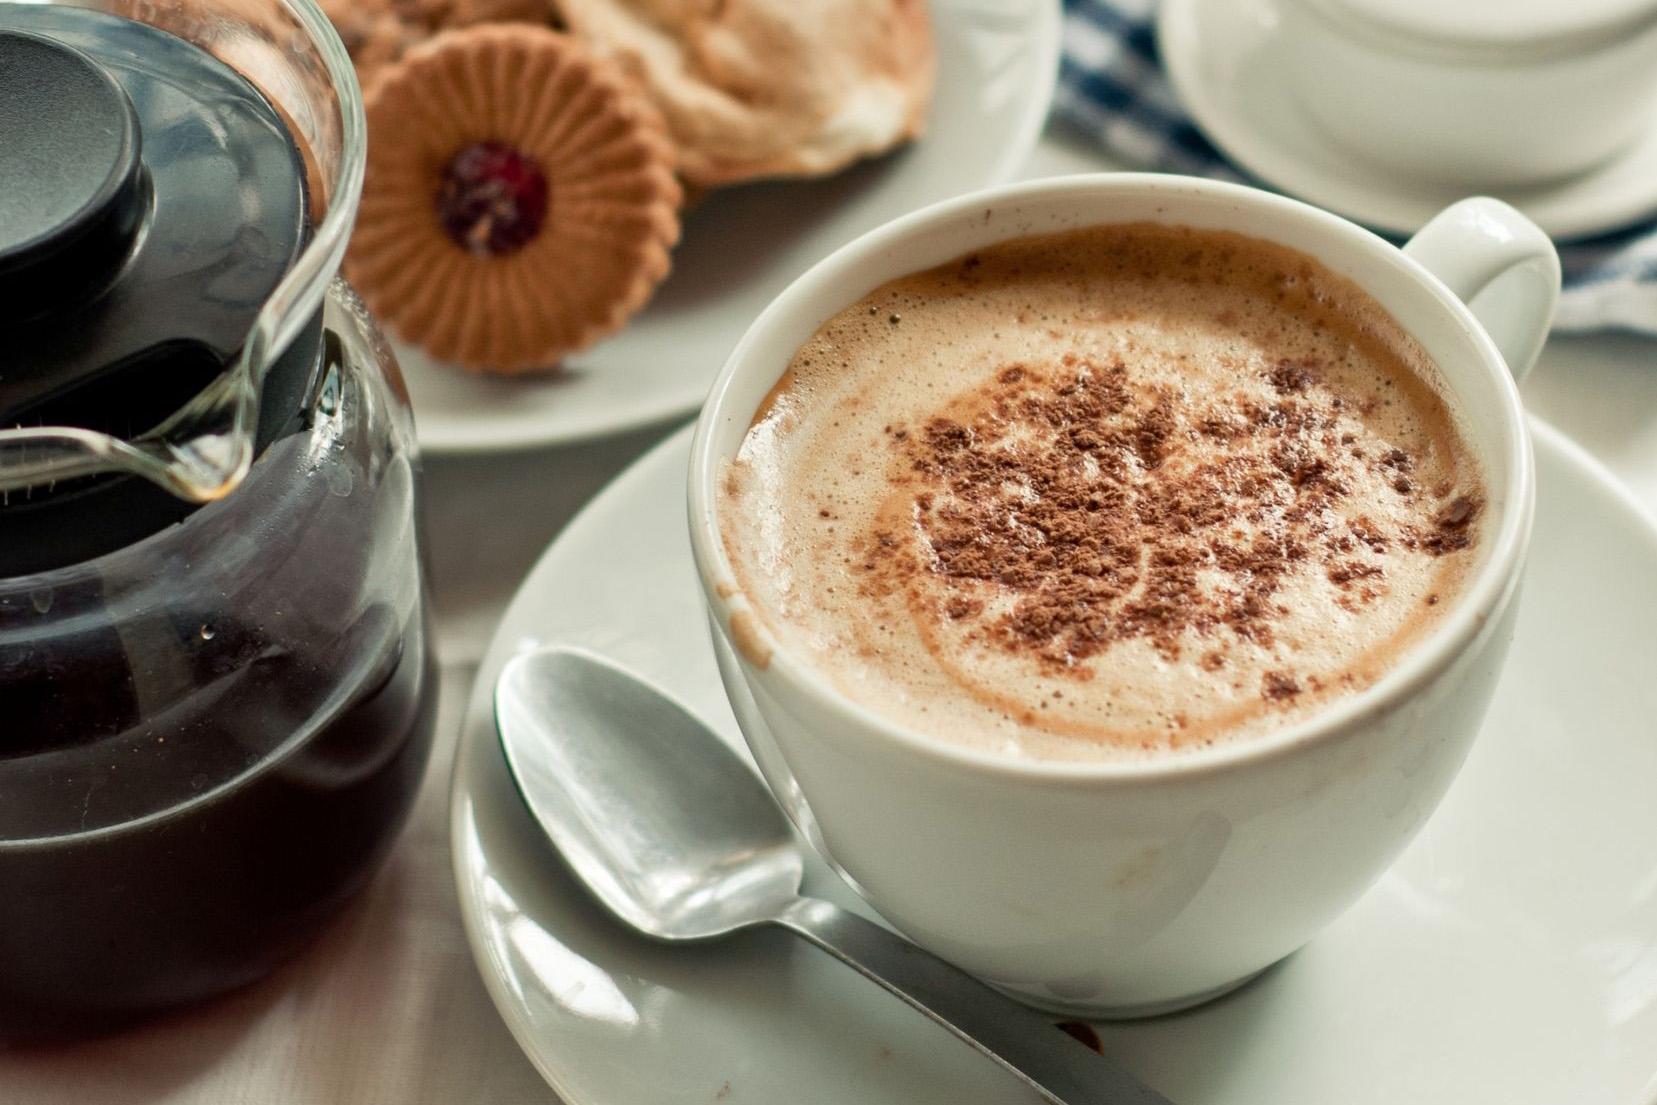 fekete kávé jó zsírégetést)